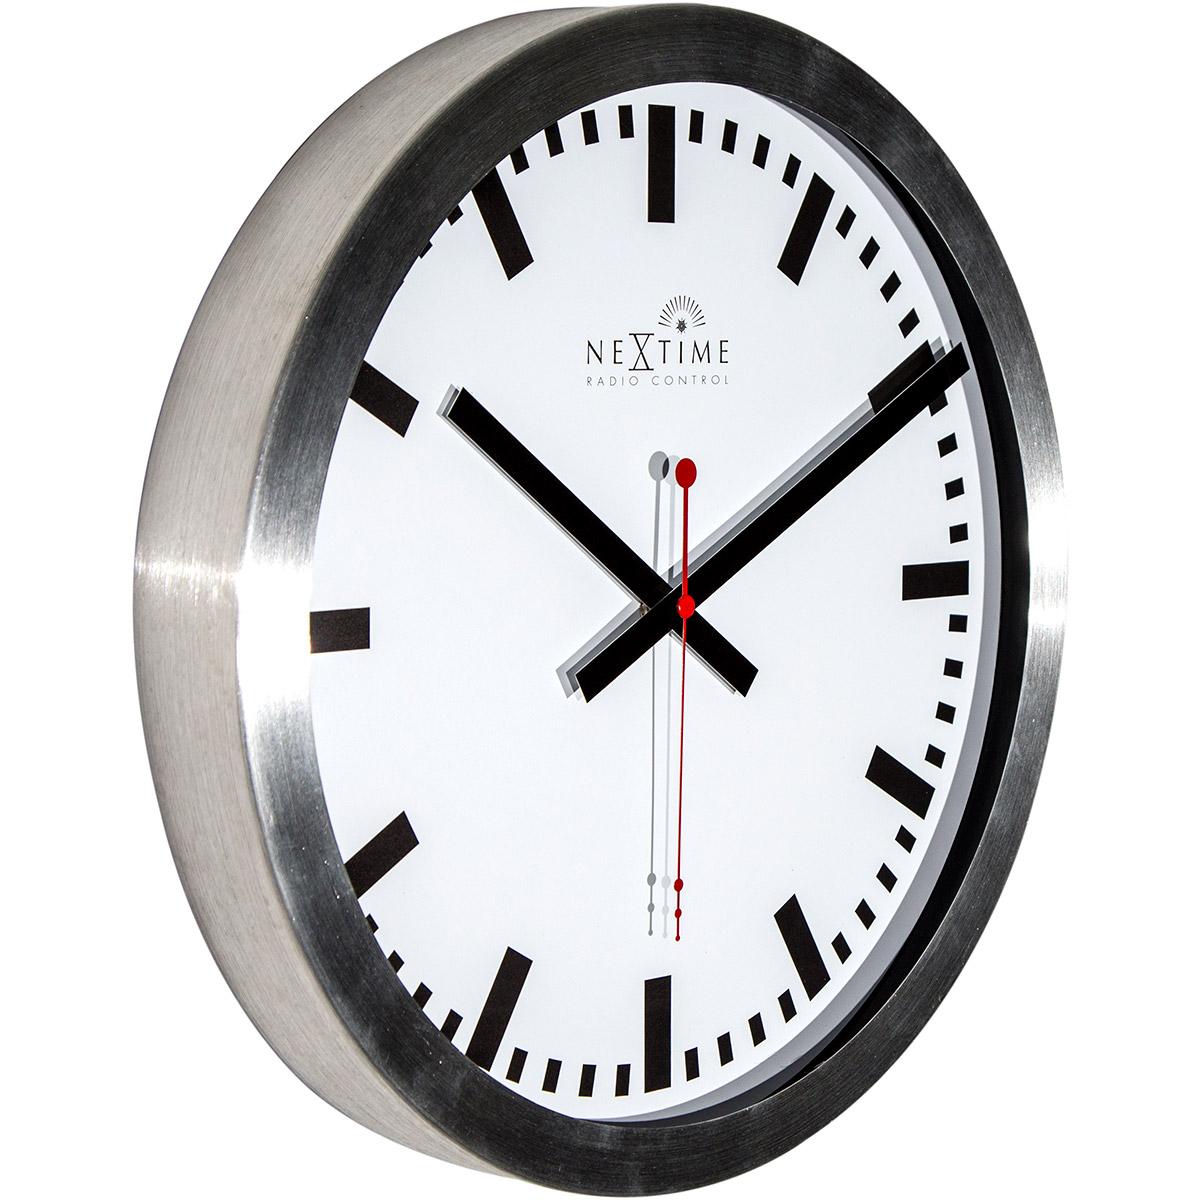 Zegar ścienny Ze Sterowaniem Radiowym Nextime Station 35 Cm